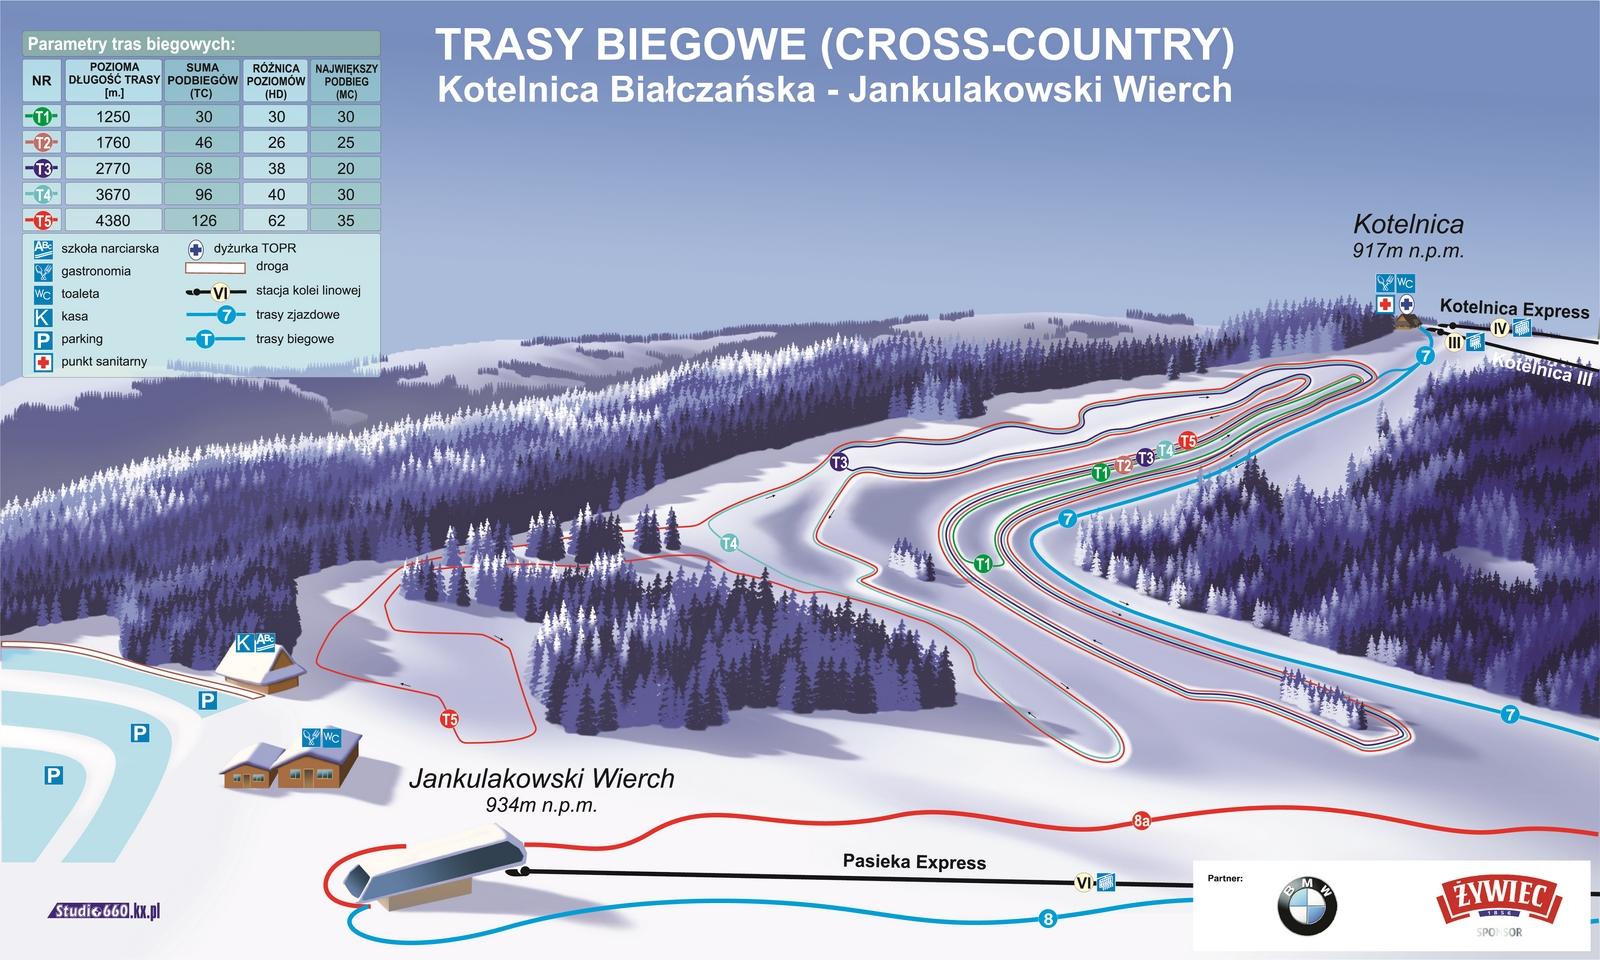 Trasy Biegowe 2014-15